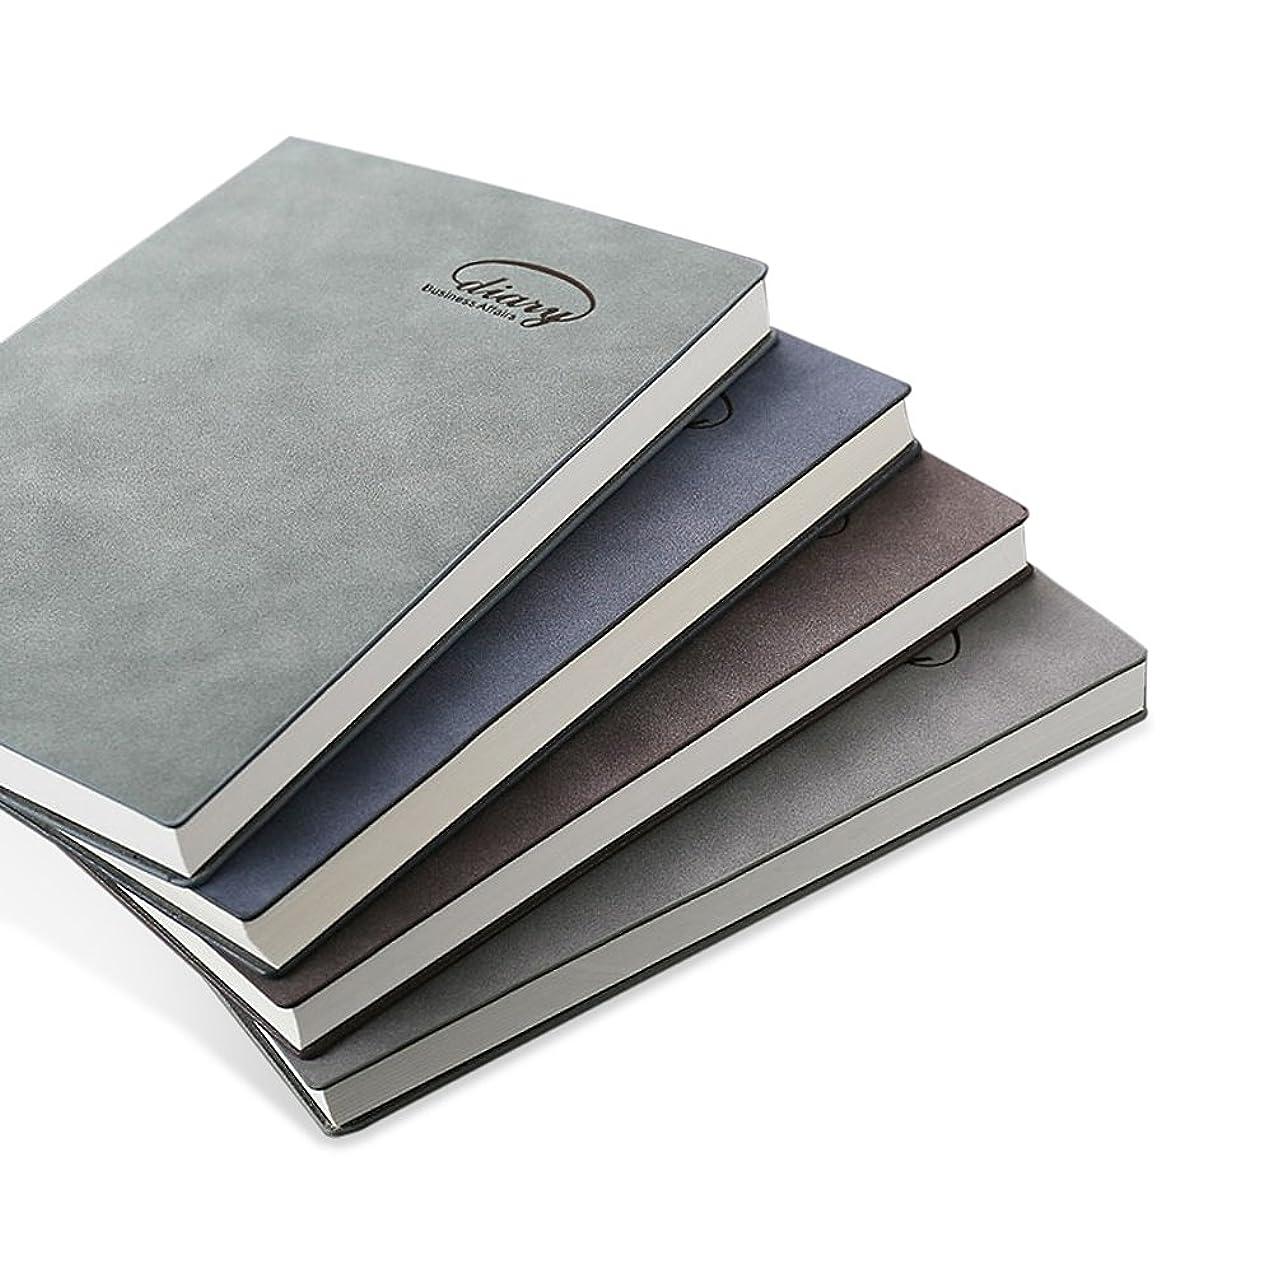 海港ページェント魅惑するZhi Jin 文房具オフィス用品 B5厚い ビジネス手帳 高品質の日記帳 ノート